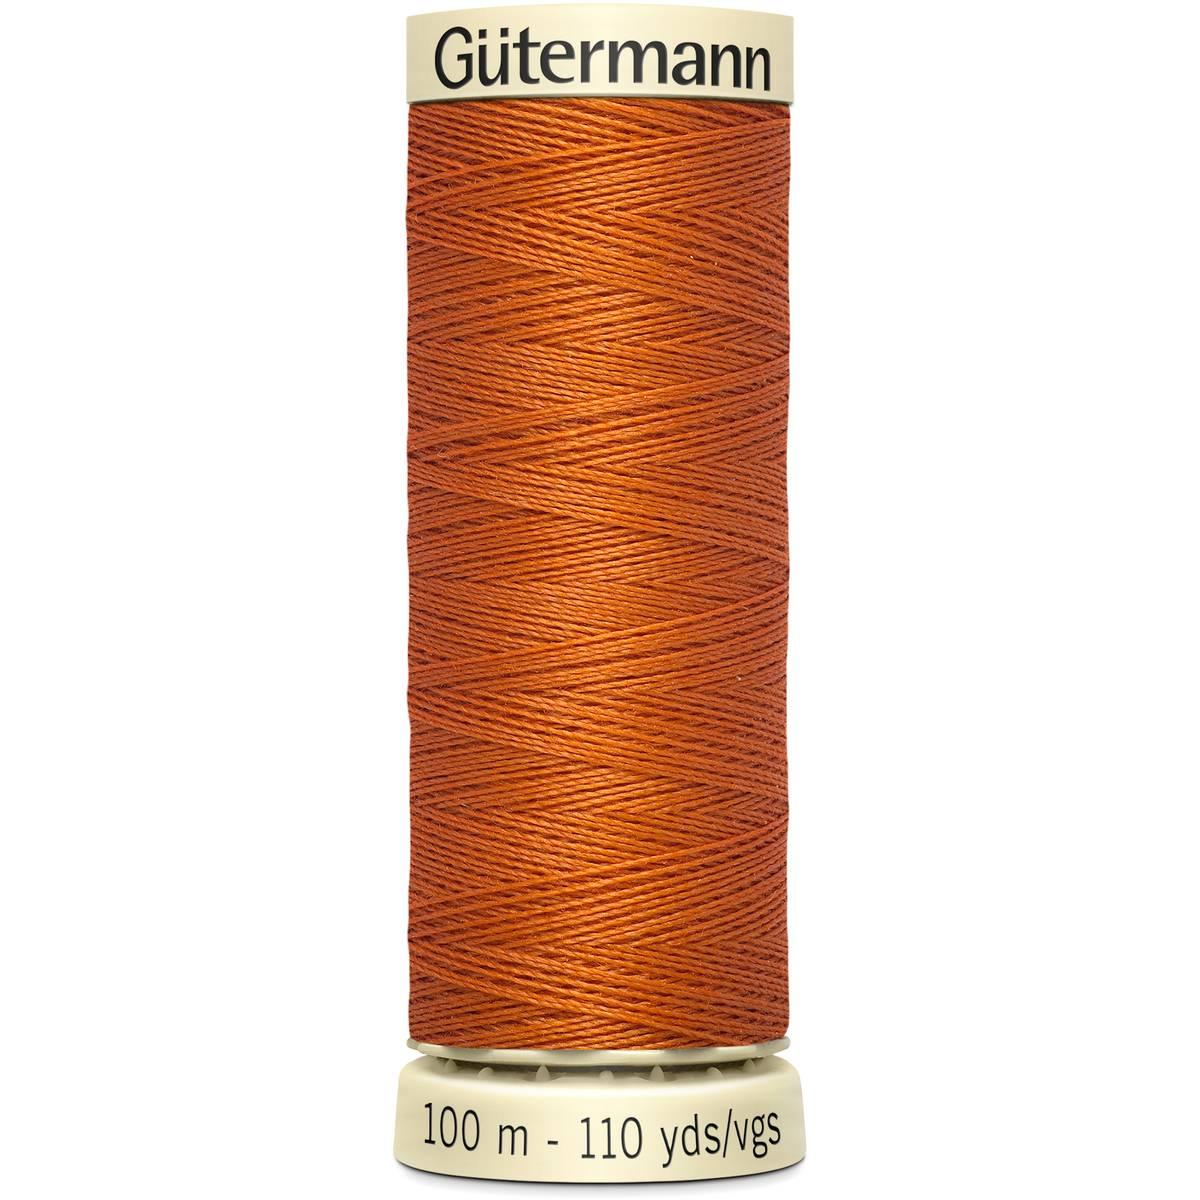 חוט תפירה גוטרמן - Orange 982